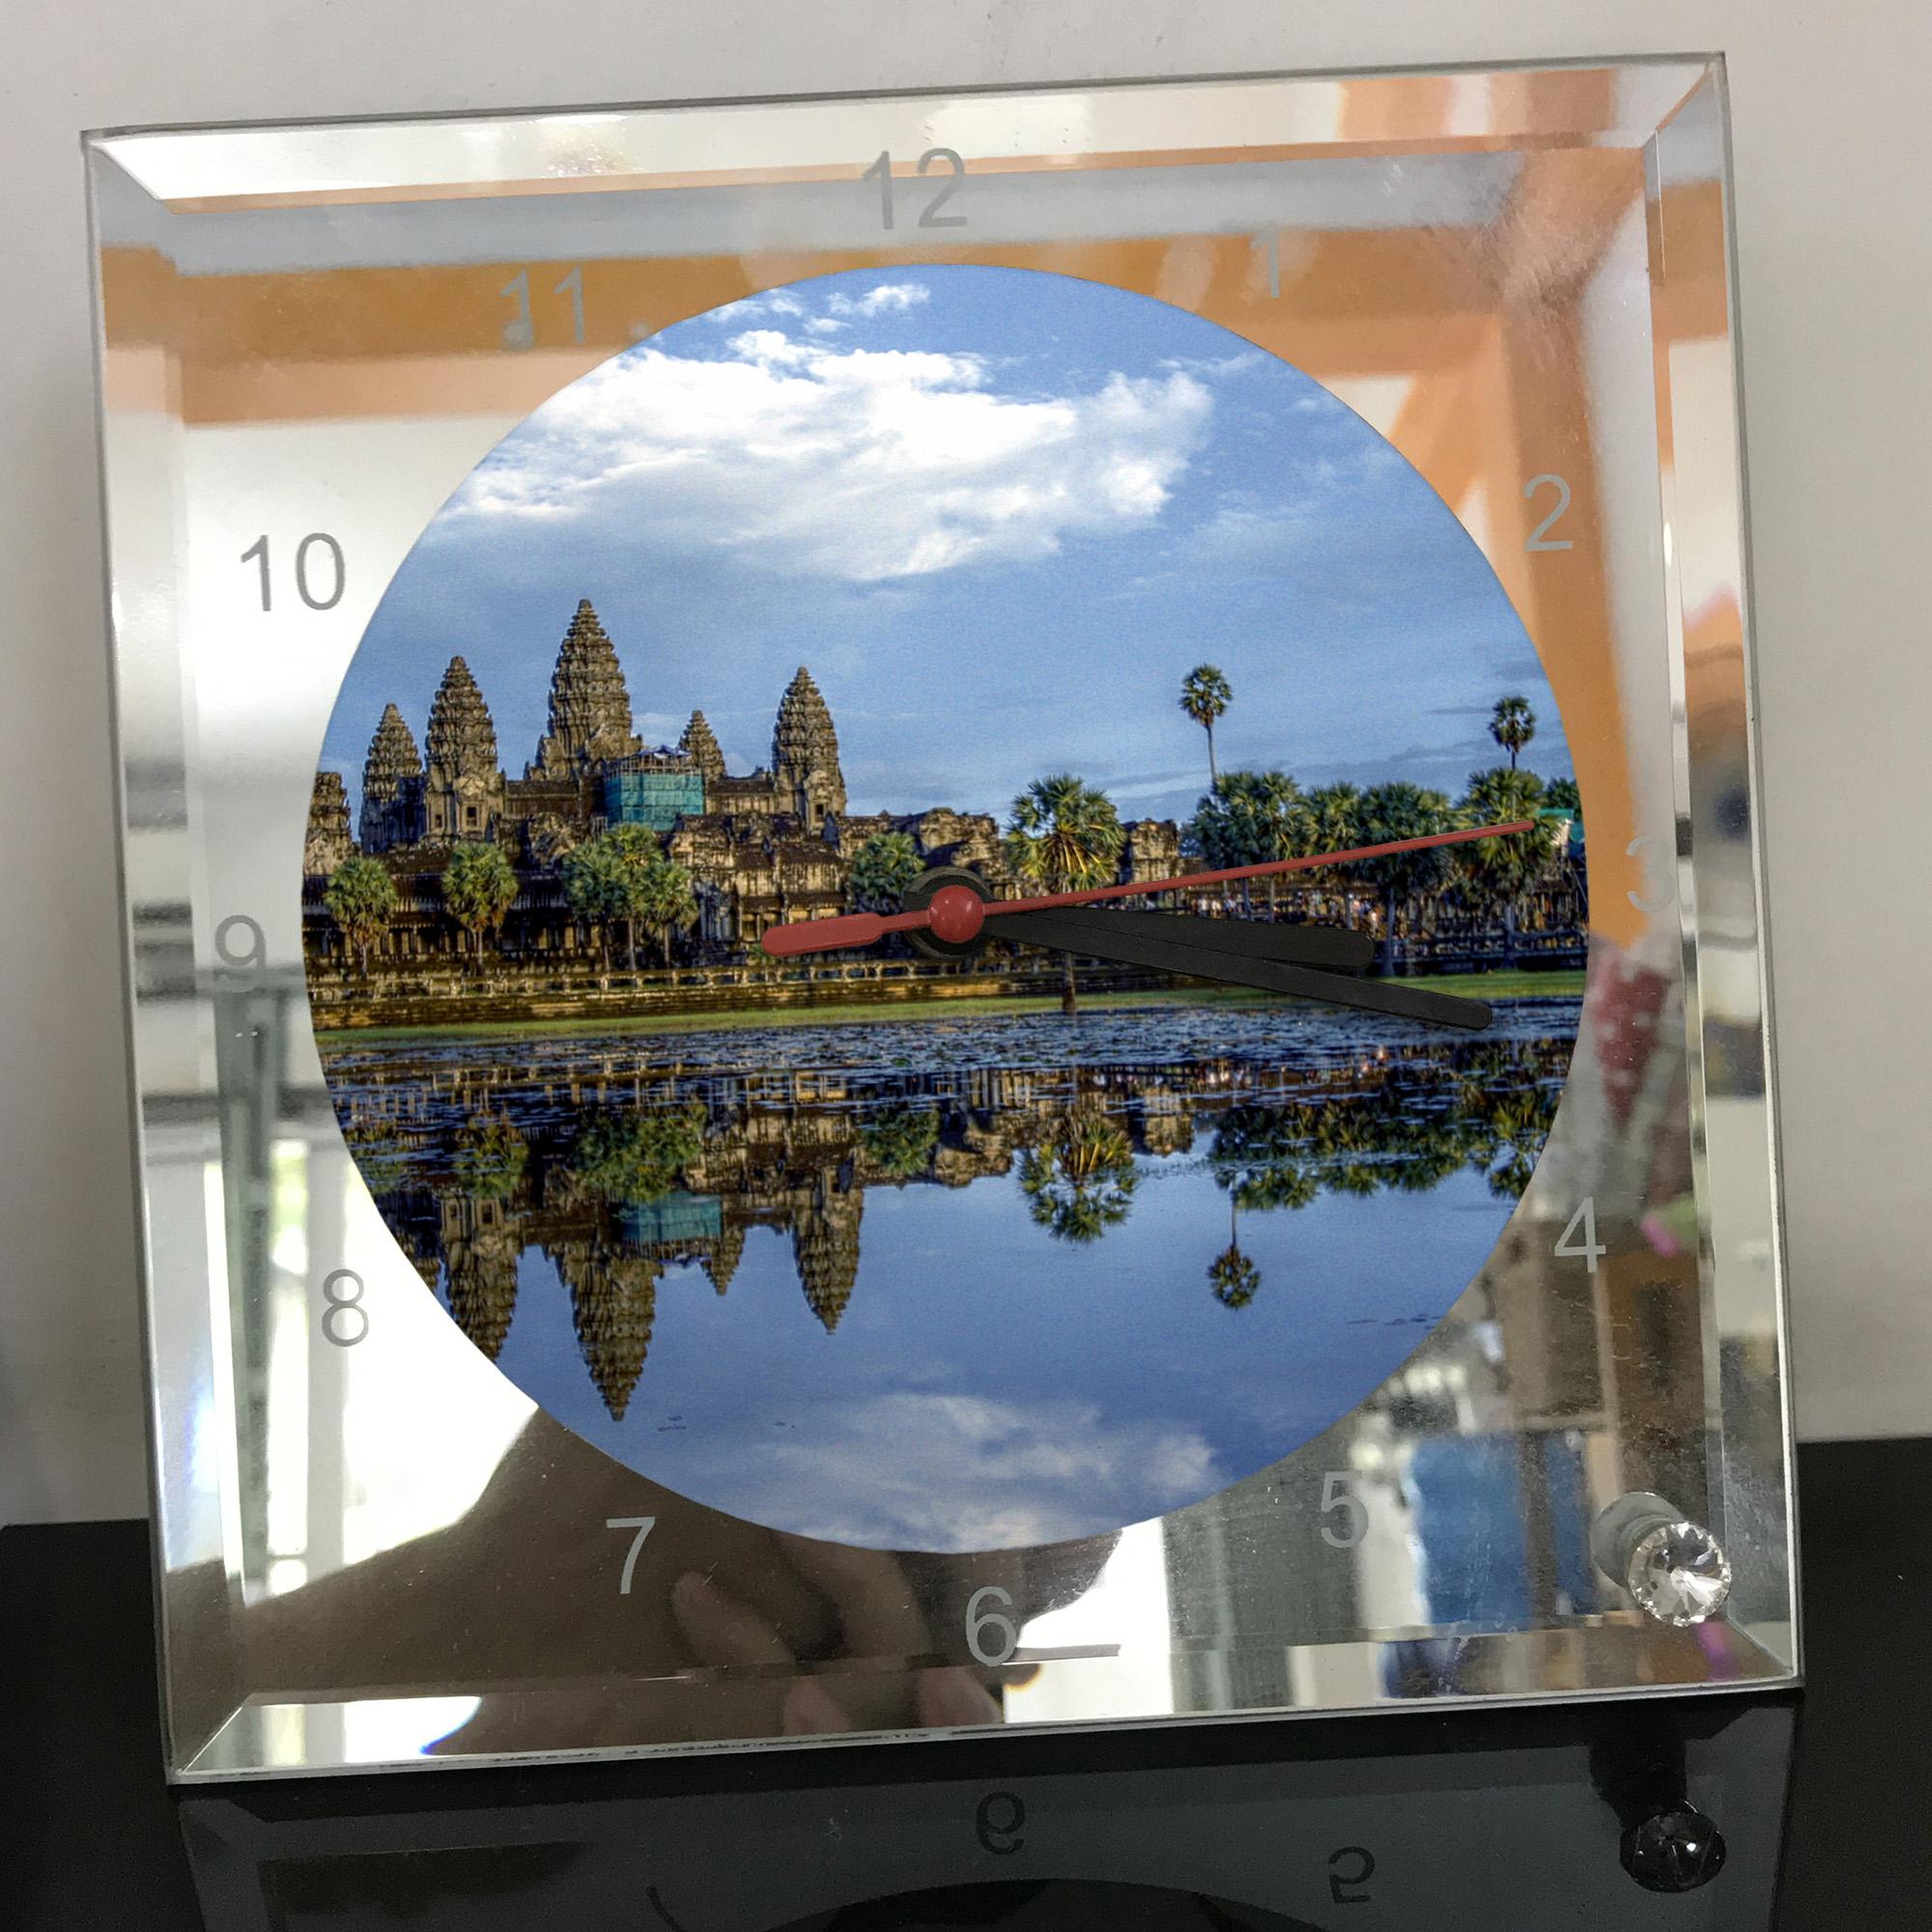 Đồng hồ thủy tinh vuông 20x20 in hình đền Angkor Wat (11) . Đồng hồ thủy tinh để bàn trang trí đẹp chủ đề tôn giáo